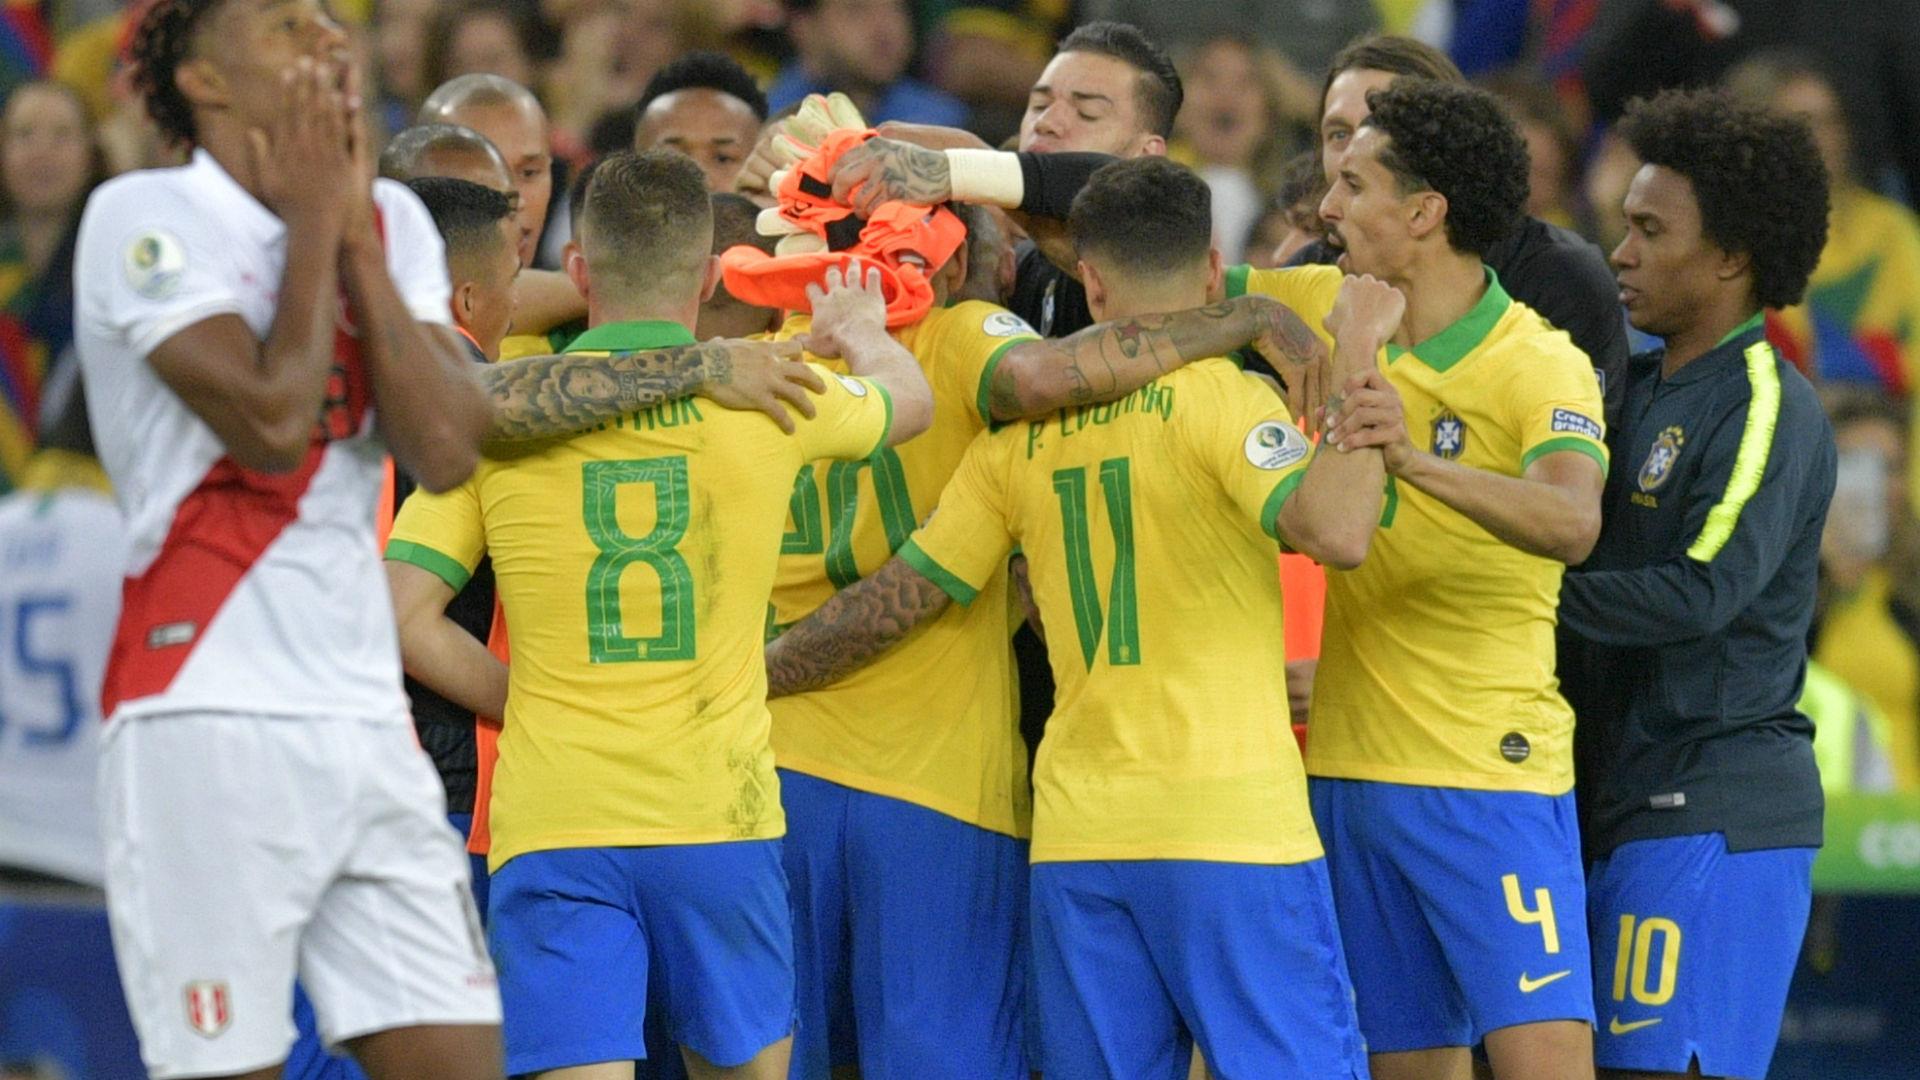 Ù†ØªÙŠØ¬Ø Ø¨ØØ« الصور عن البرازيل والبيرو